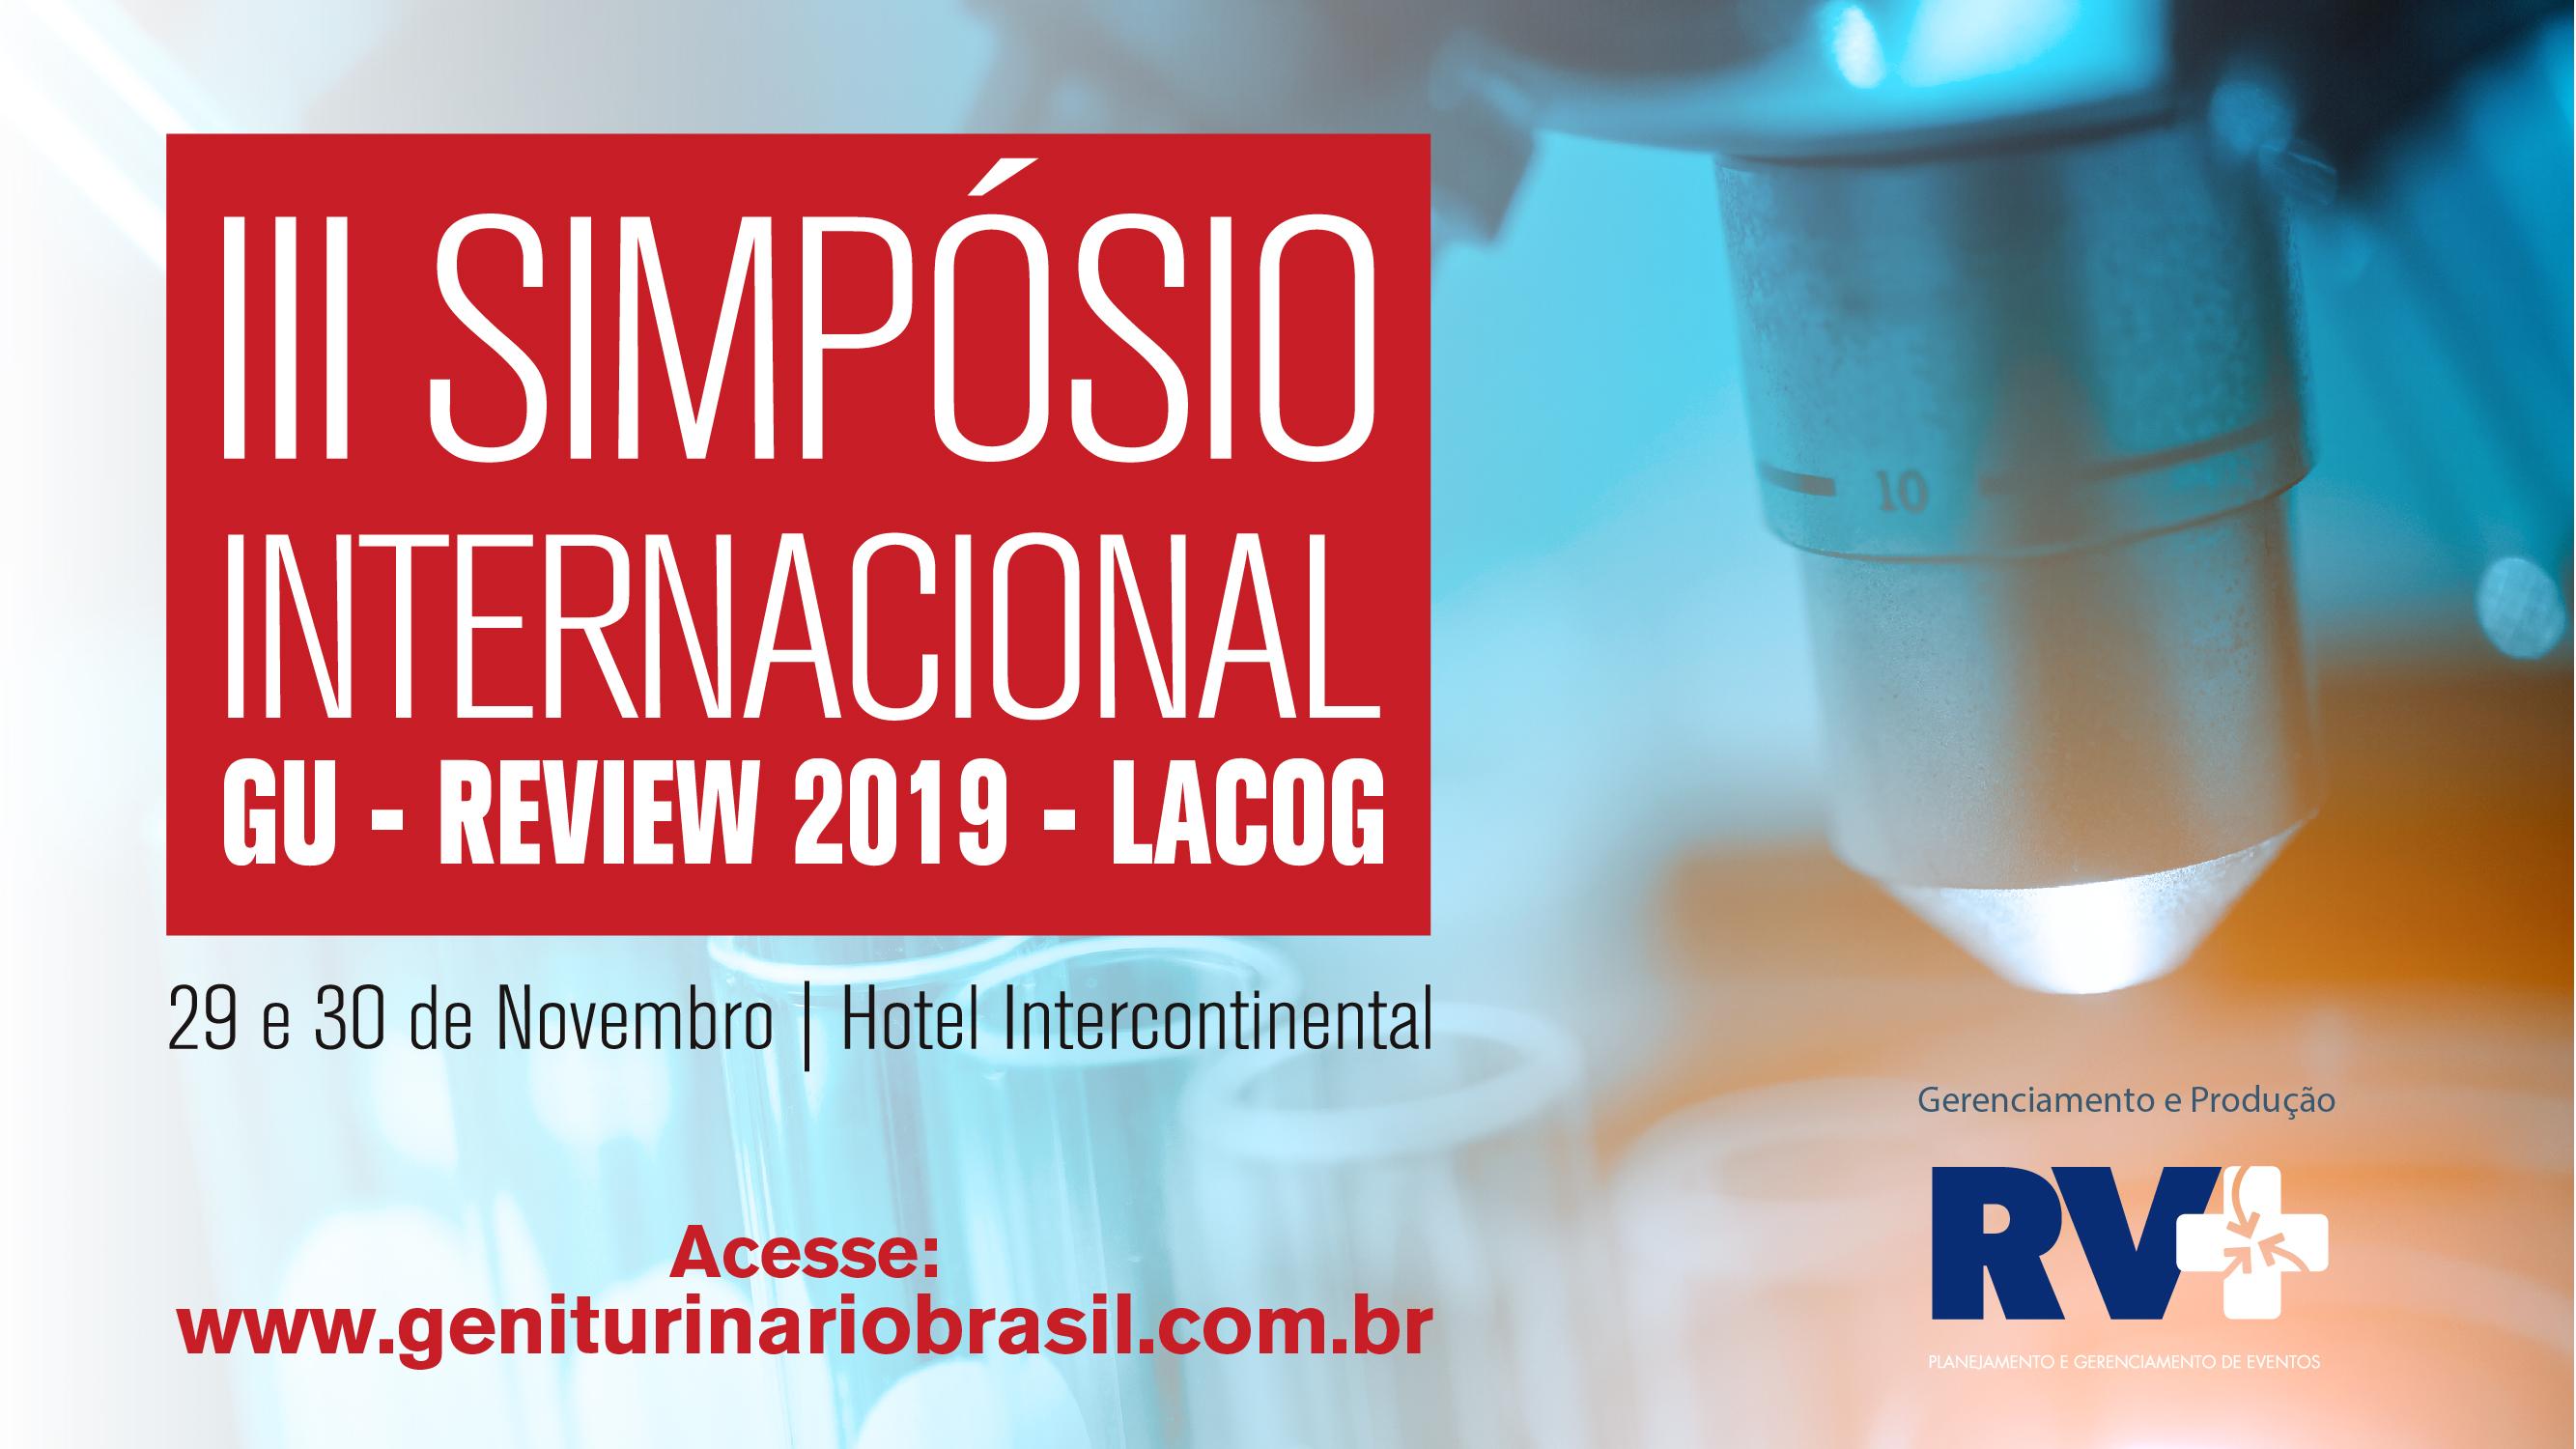 III Simpósio Internacional - GU Review 2019 Lacog